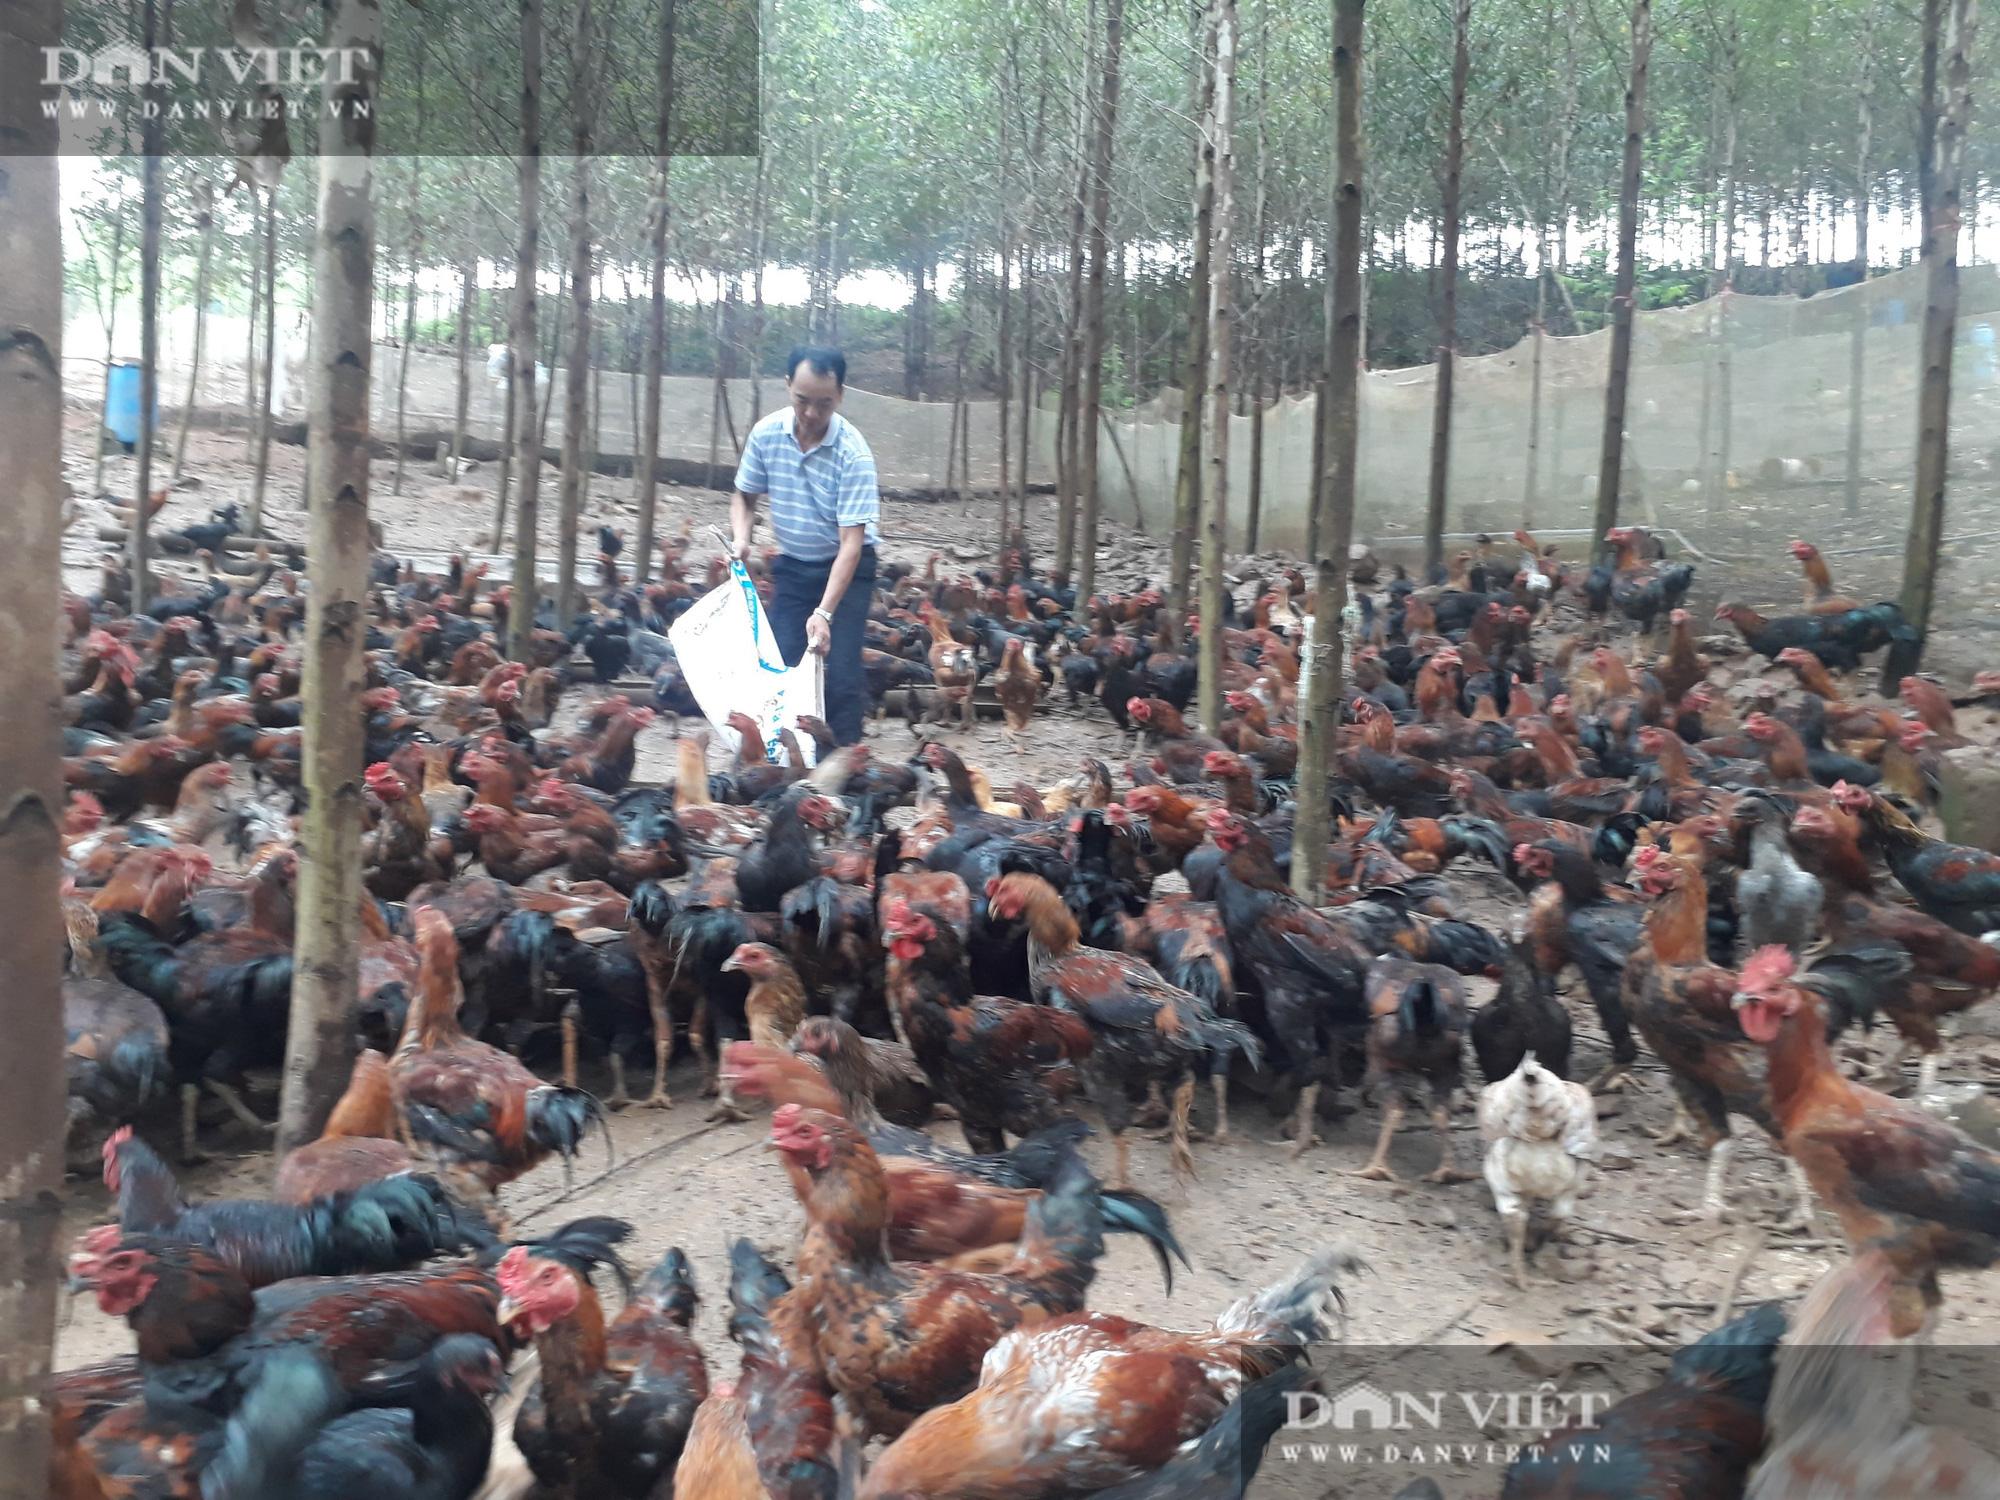 """""""Bắt"""" đàn gà khổng lồ leo đồi kiếm ăn mỗi ngày, anh nông dân Yên Thế thu ngay 5 tỷ đồng - Ảnh 2."""